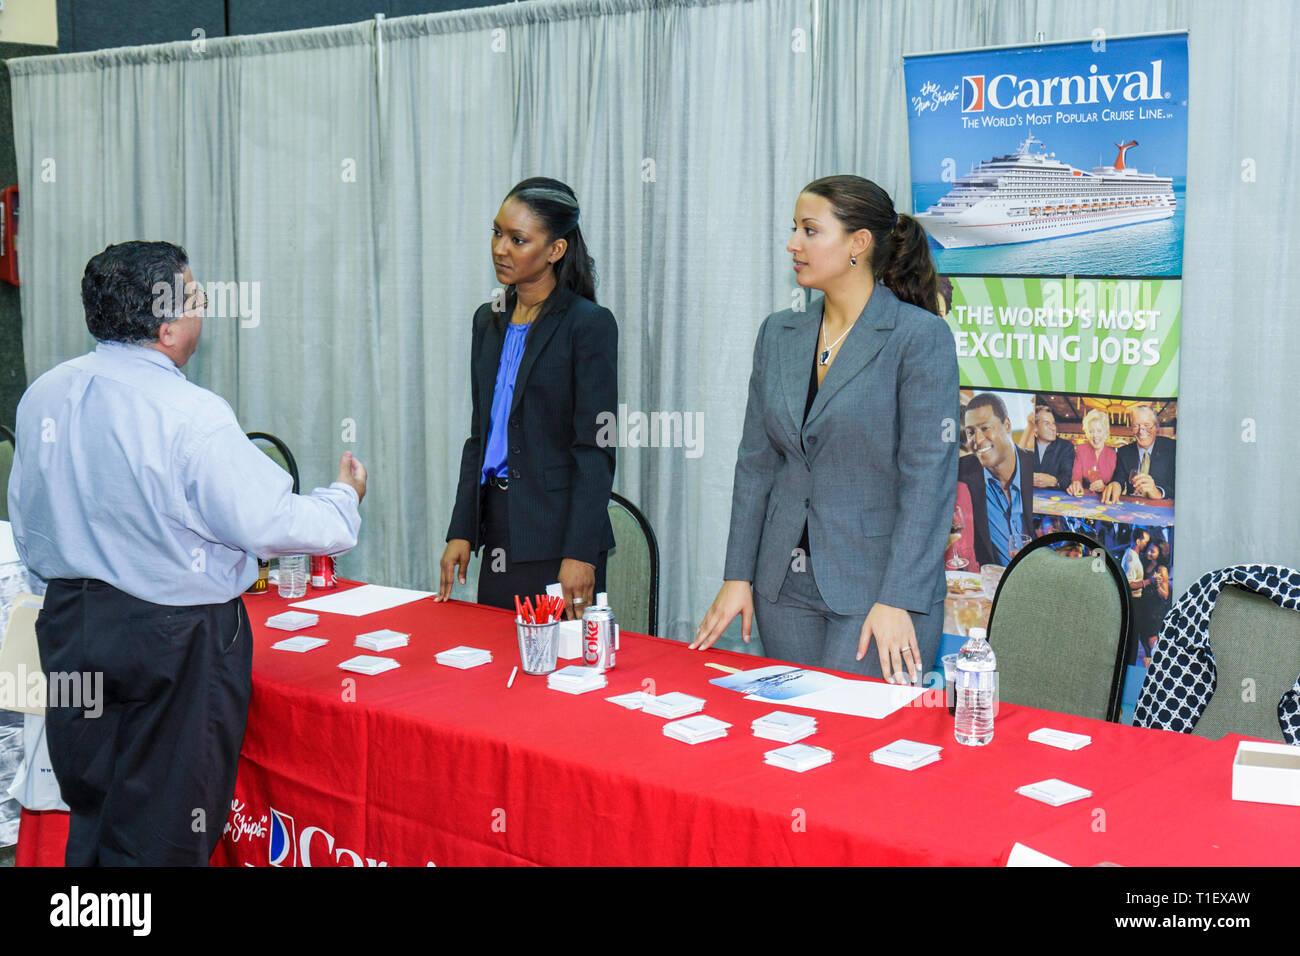 Miami Florida Job Fair carriera di occupazione del lavoro disoccupati job seeker datore di lavoro assunzione domanda di assunzione crisi economica stand C Immagini Stock